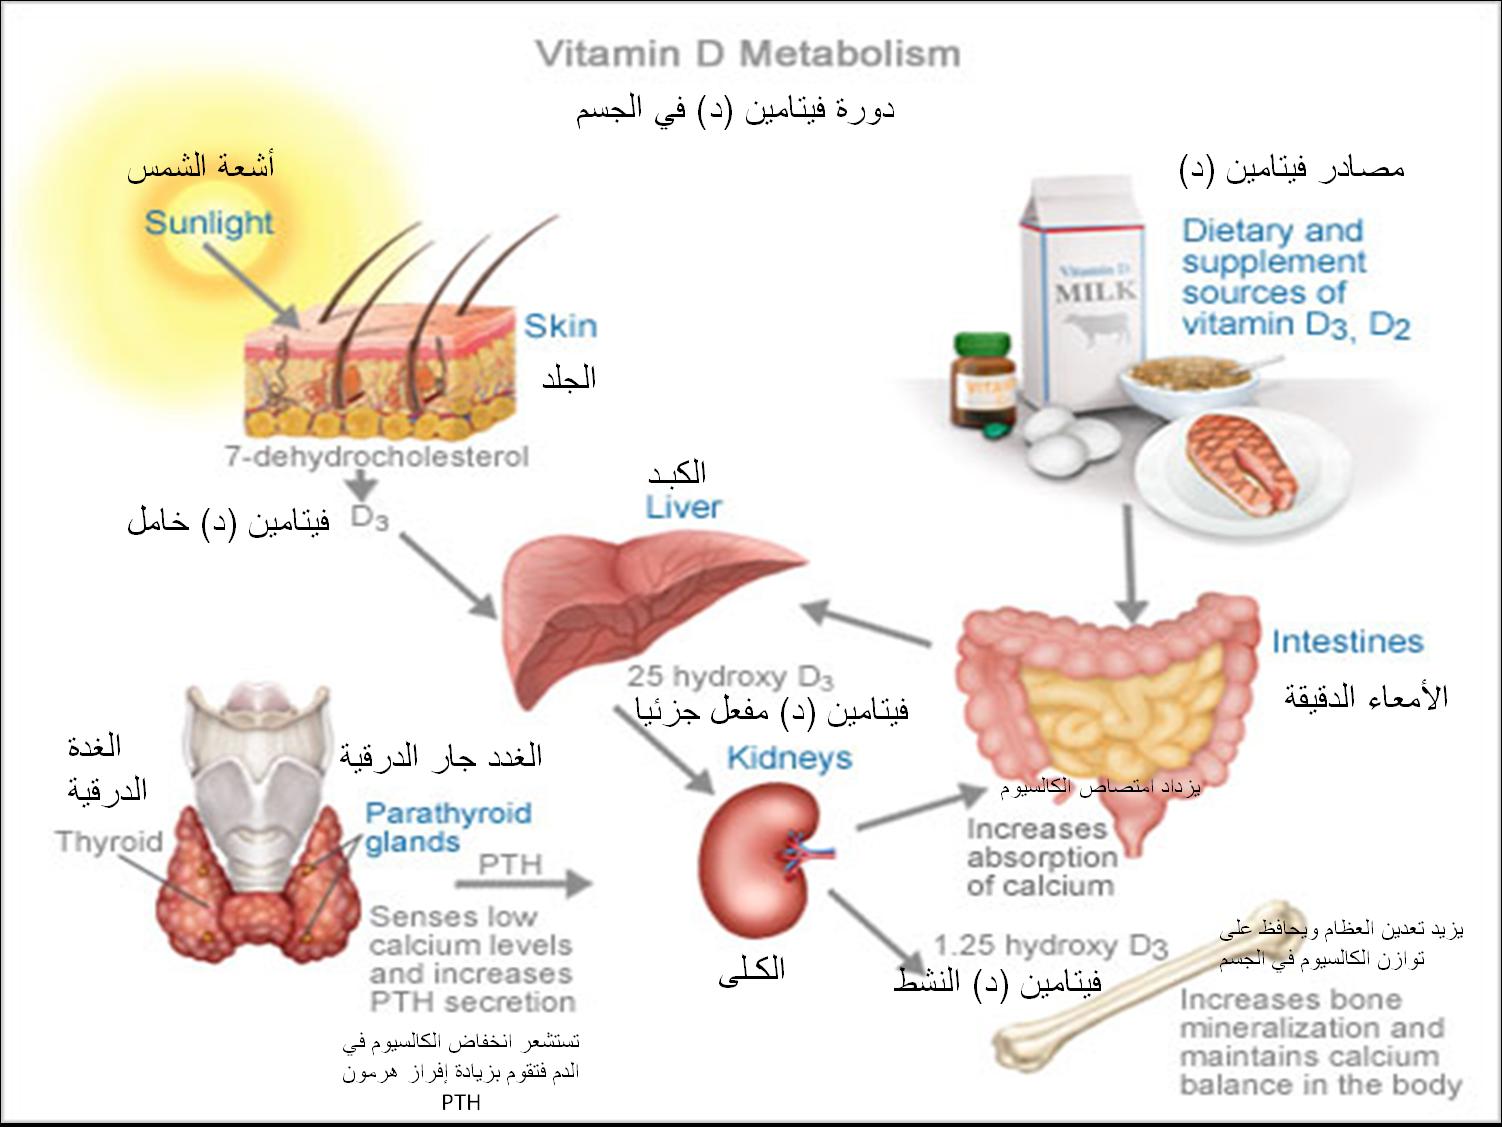 أعراض نقص فيتامين دال